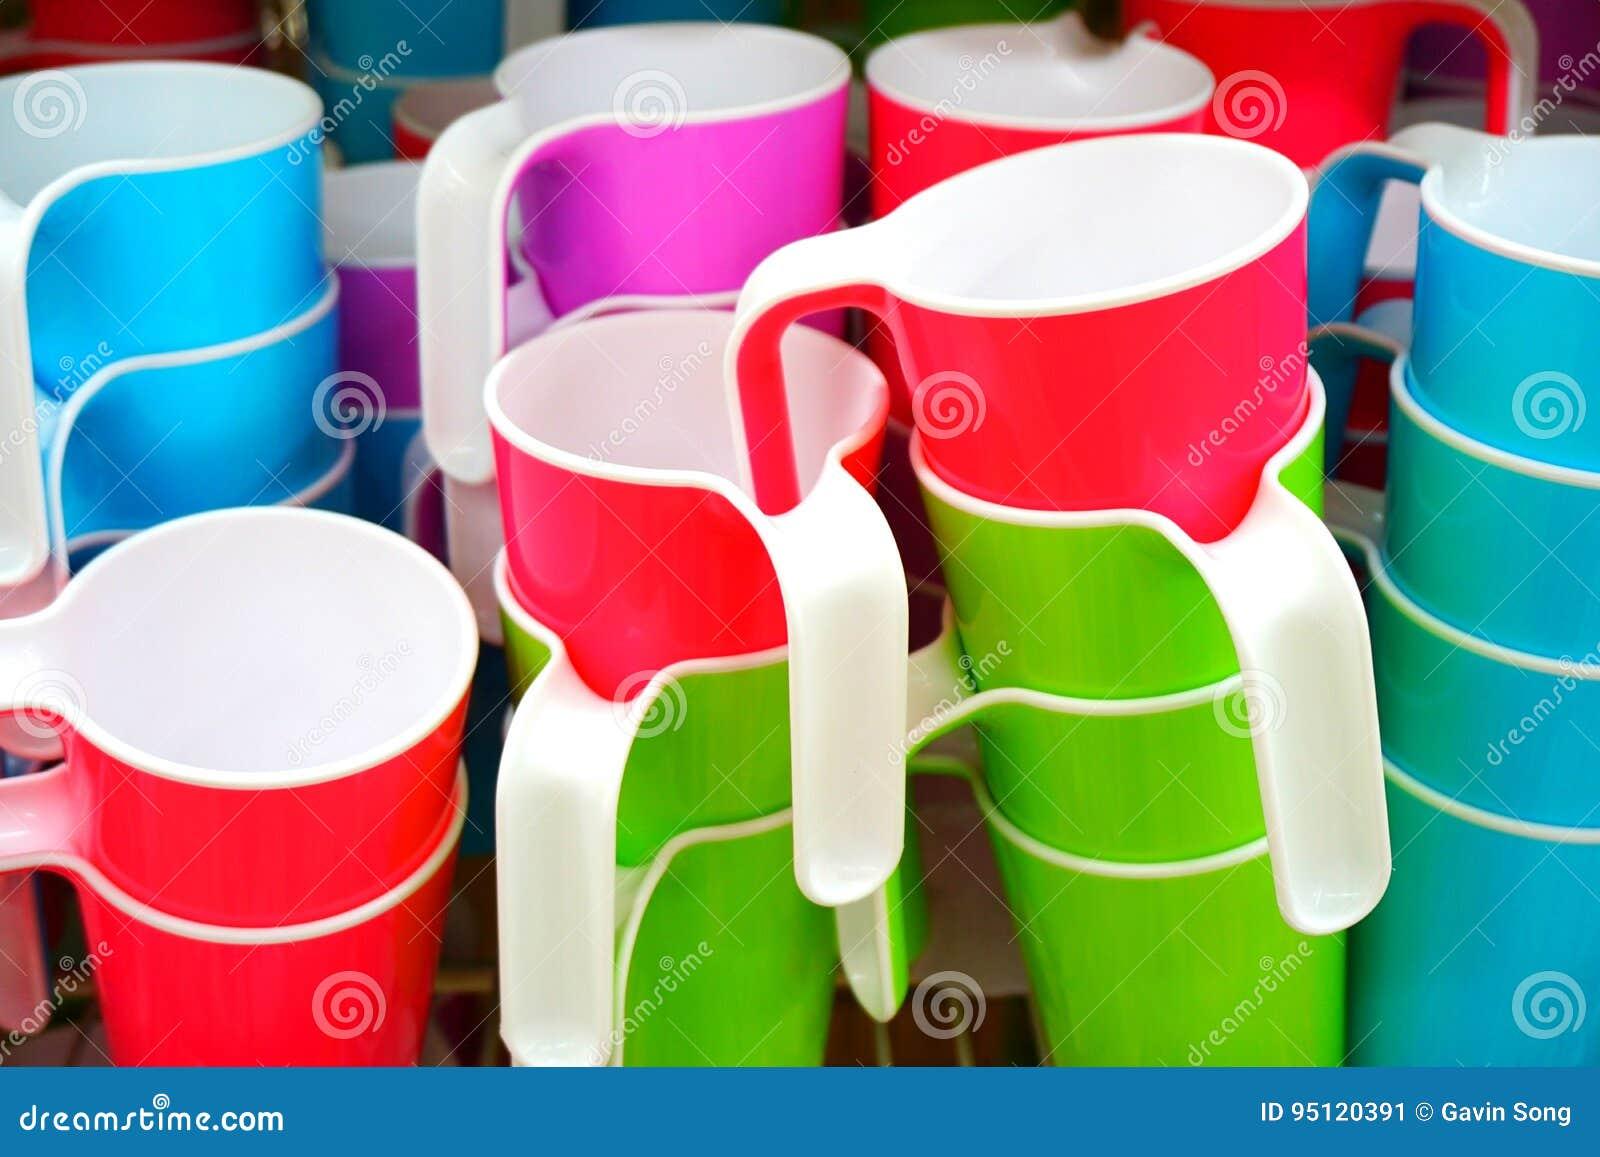 Kleurrijke Plastic Koppen